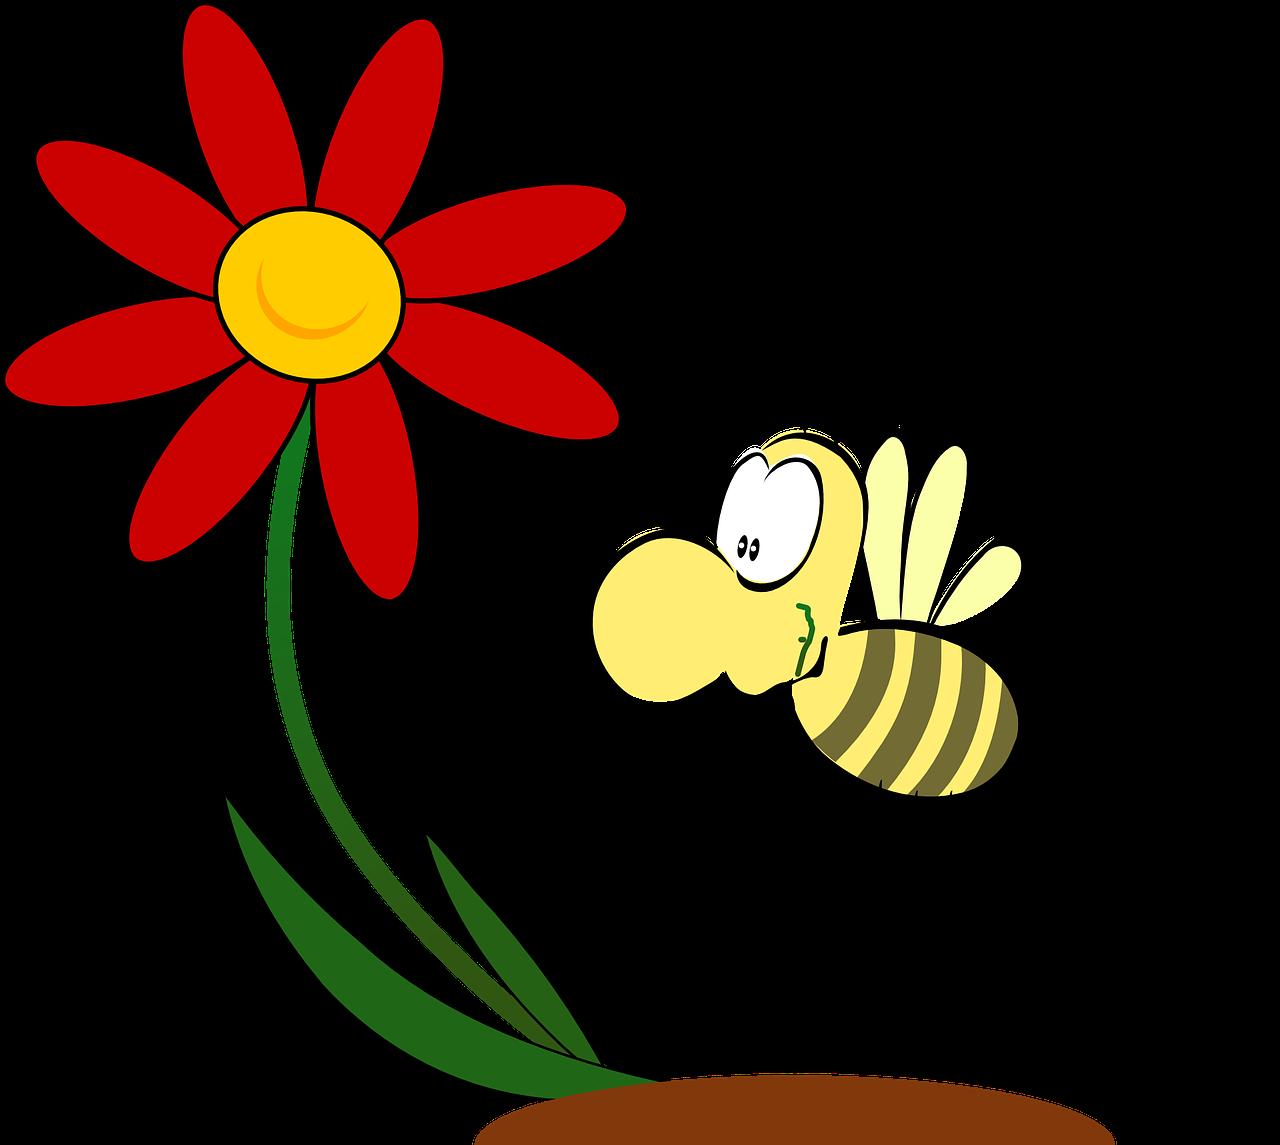 Прикольные картинки цветов с пчелами, открыток новогодних открытка